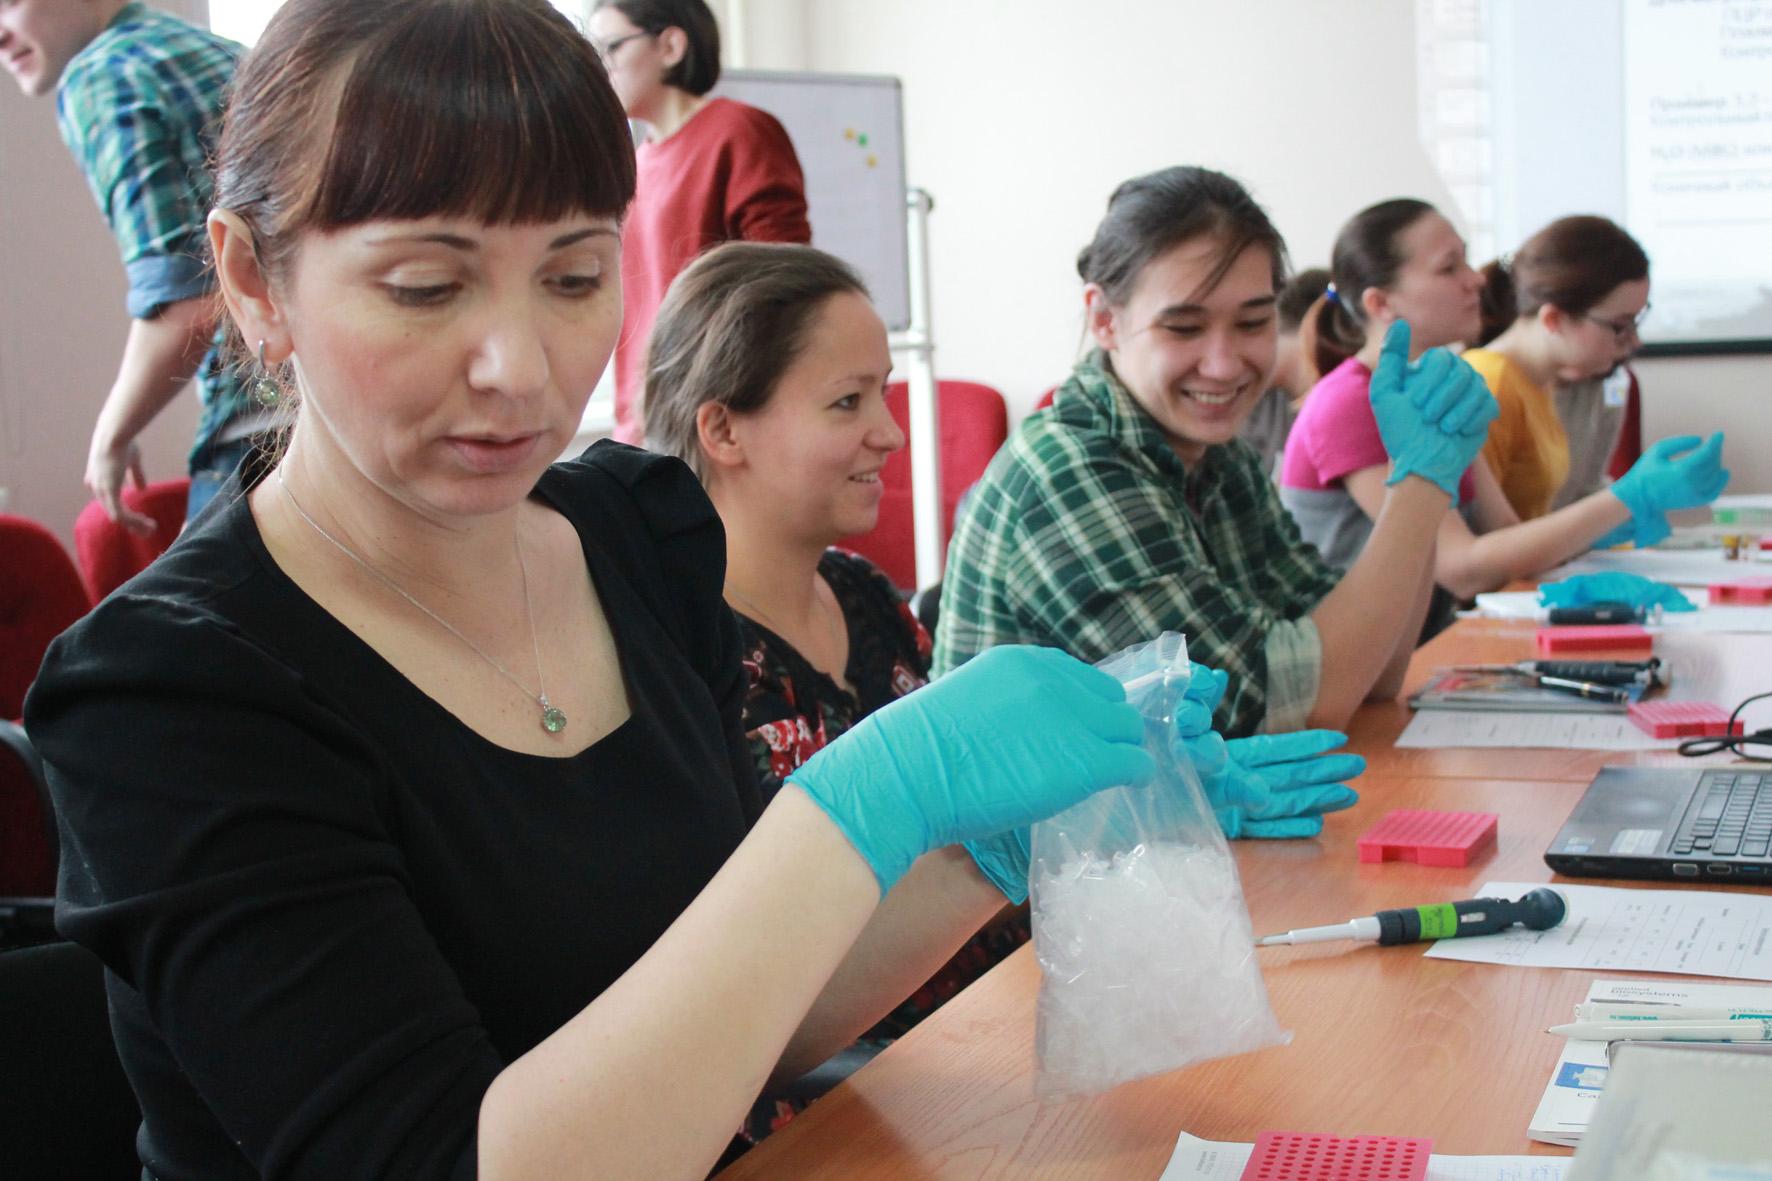 Работа в томске для девушек без образования работа для девушек в сфере досуга без выезда